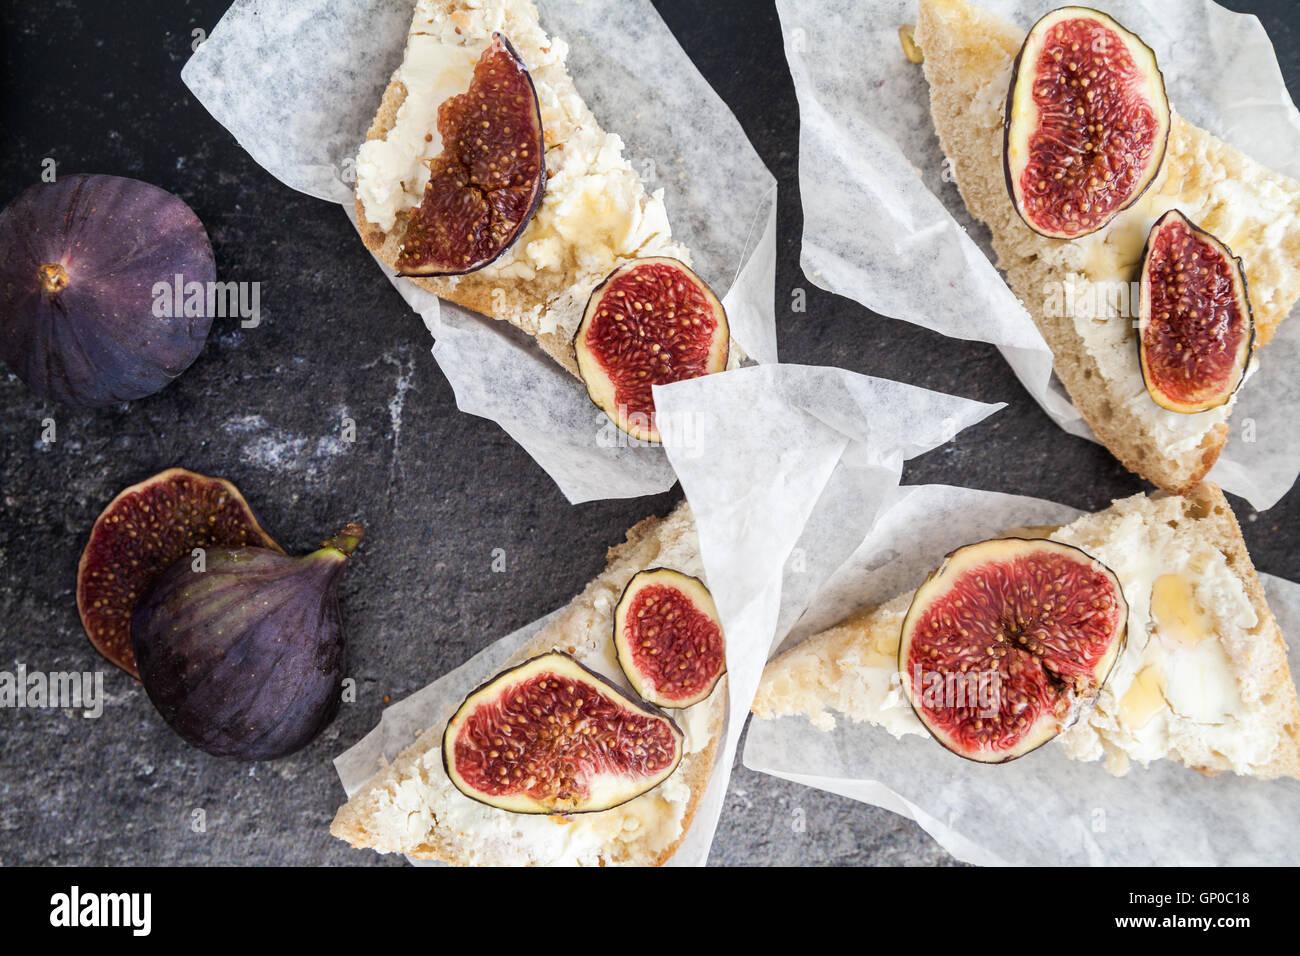 Le fromage de chèvre costini avec figues fraîches Photo Stock